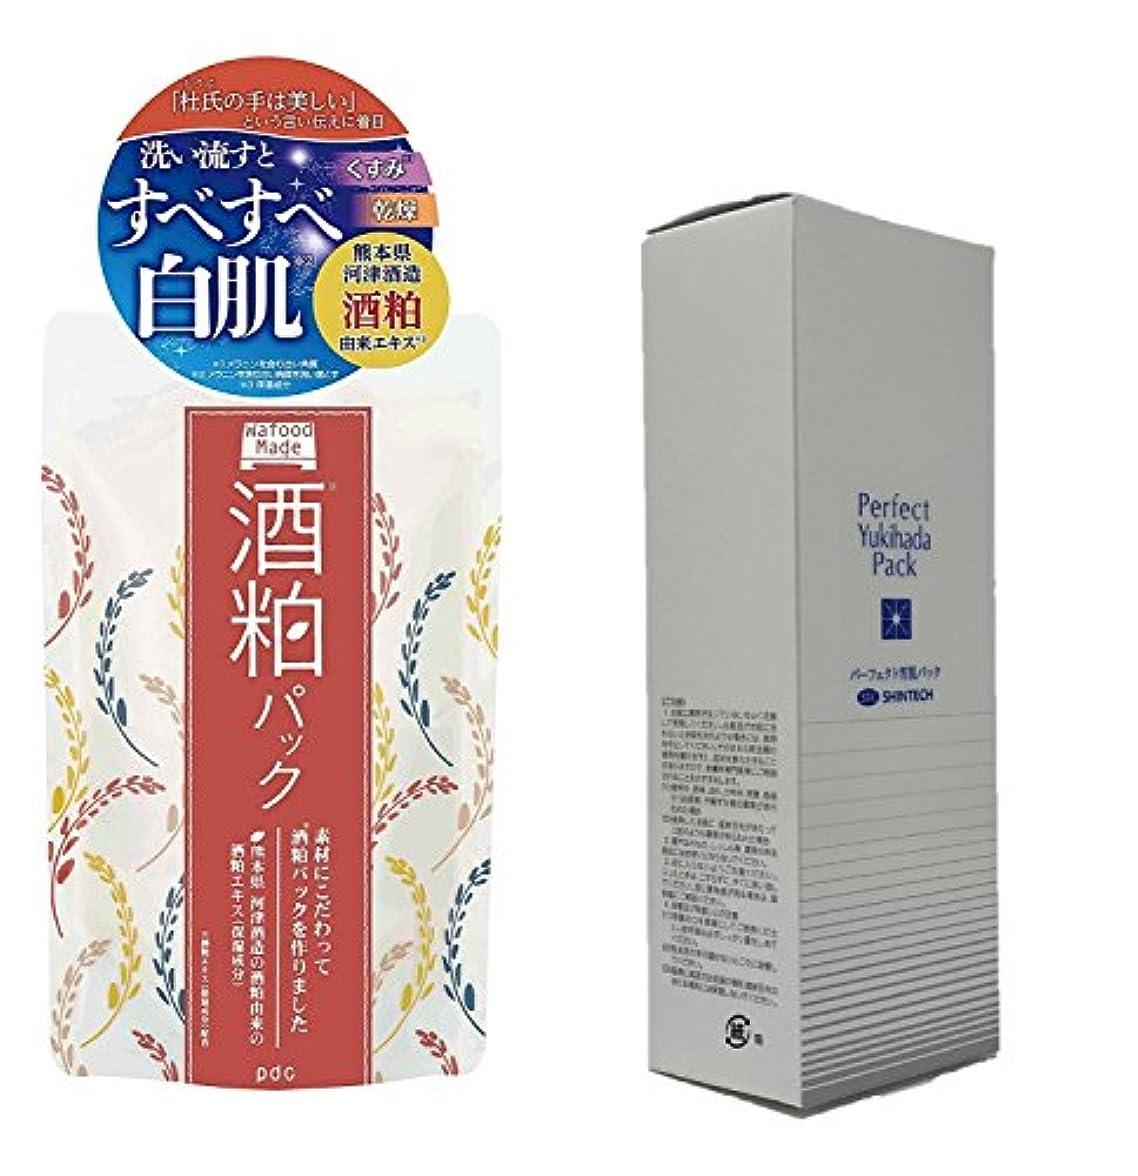 おもしろい性差別高齢者(2017年日本製新商品)(pdcとSHINTECH)ワフードメイド 酒粕パック 170g と パーフェクト雪肌フェイスパック 130g 日本製(お買2個セット)